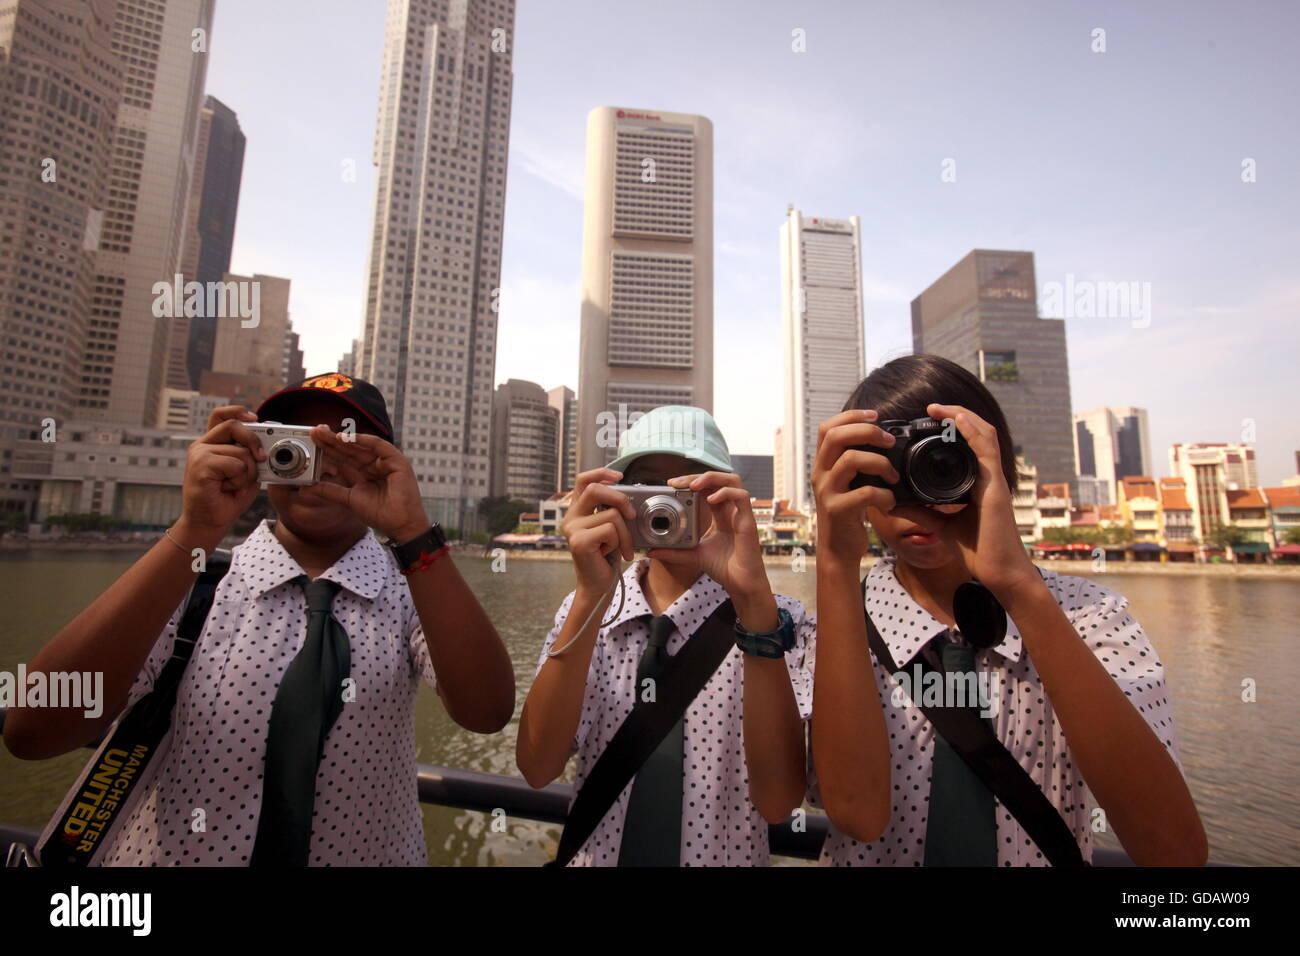 Die Skyline im Bankenviertel von Singapur im Inselstaat Singapur in Asien. - Stock Image